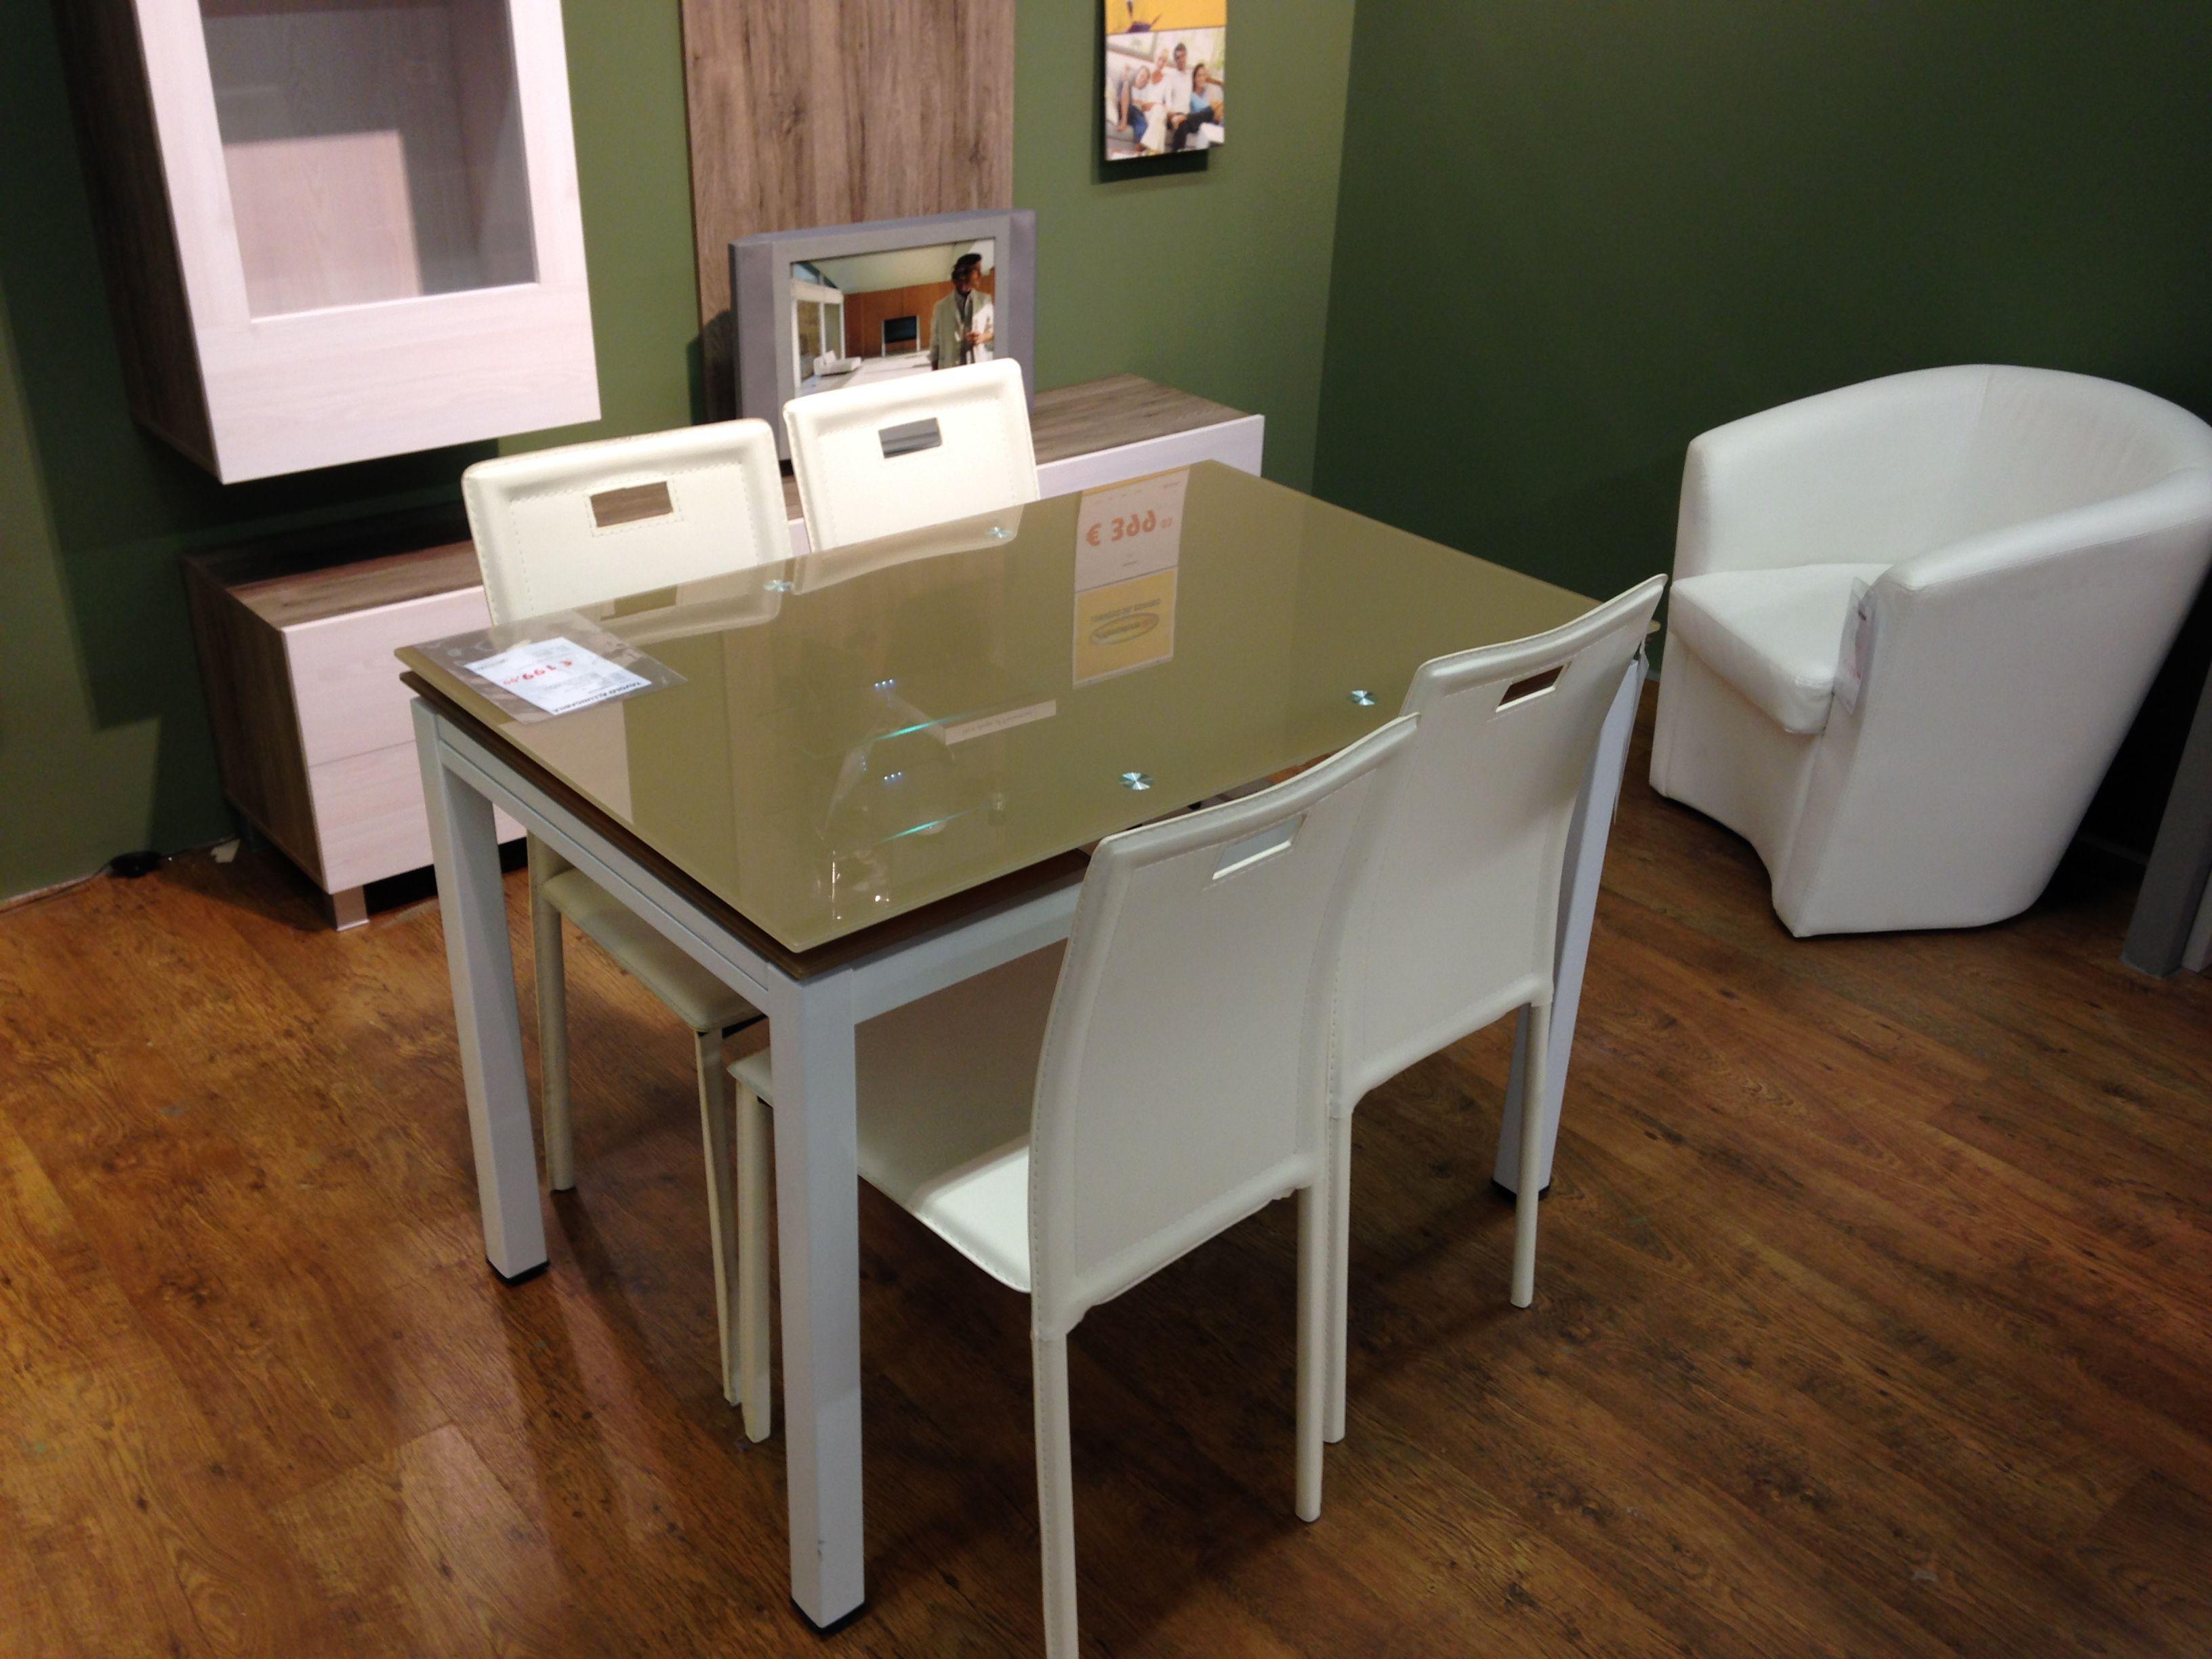 Tavolini Da Soggiorno Mercatone Uno.Gradevole Tavolino Del Mercatone Uno Tavolini E Cucine